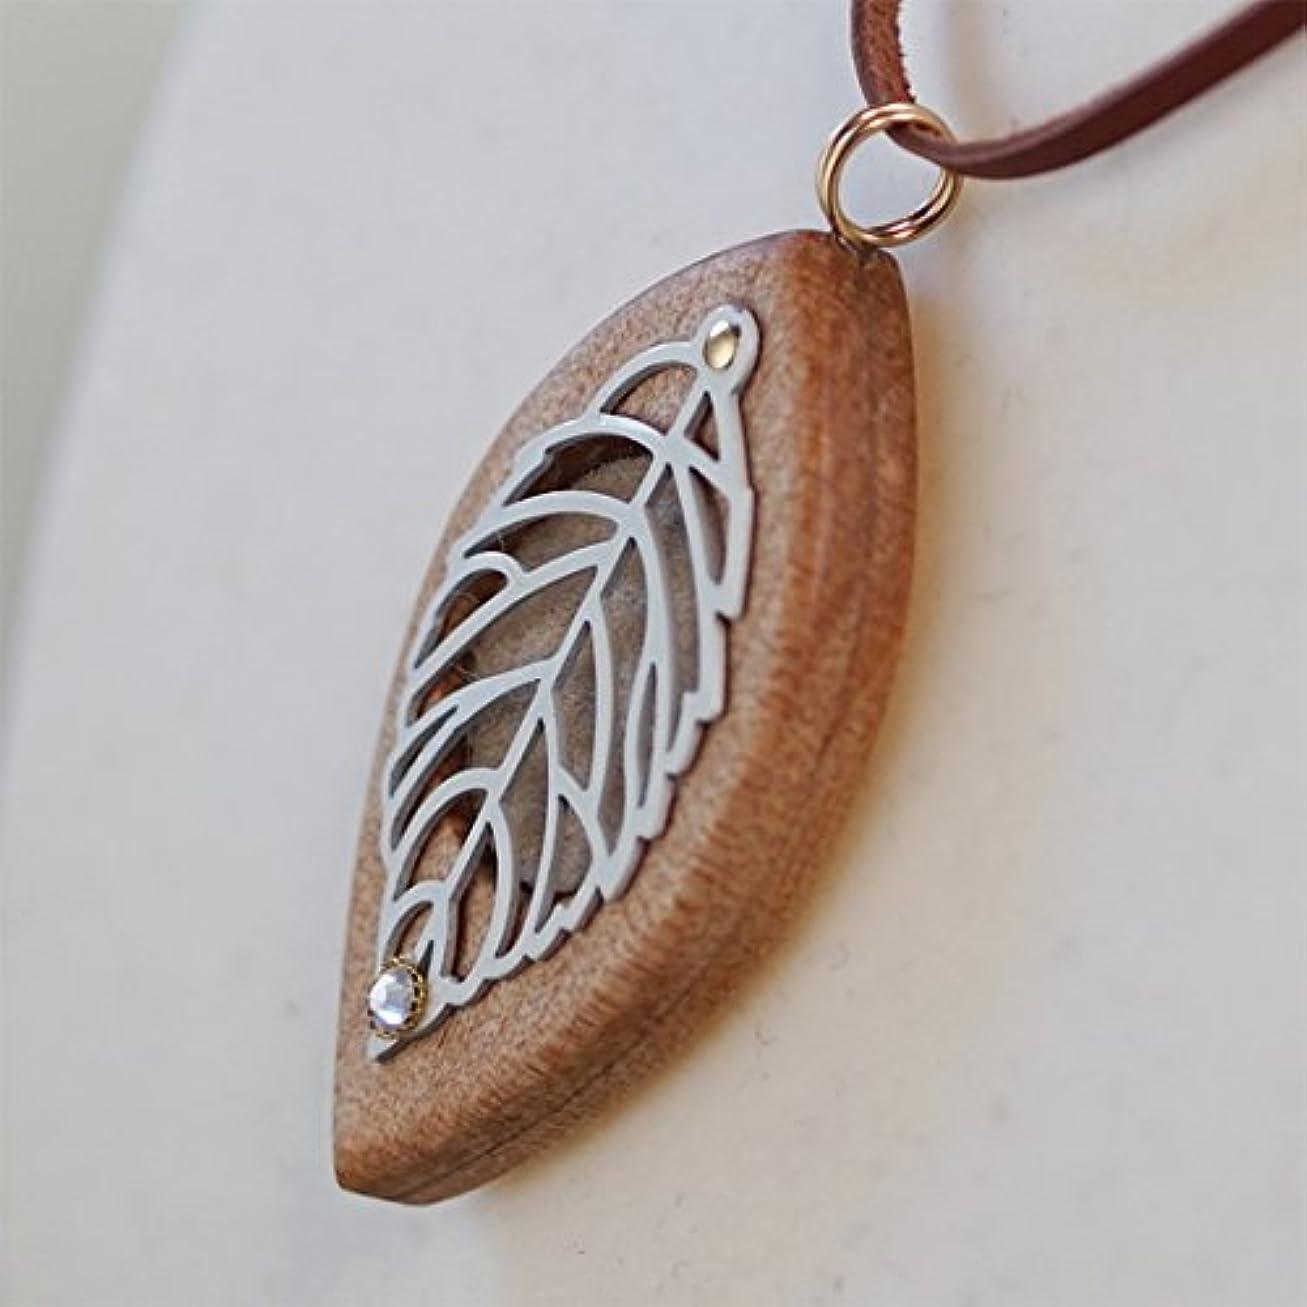 ダルセット魔術師古い木製オリジナルアロマペンダント 【天使の小瓶】 木の葉(シルバー)